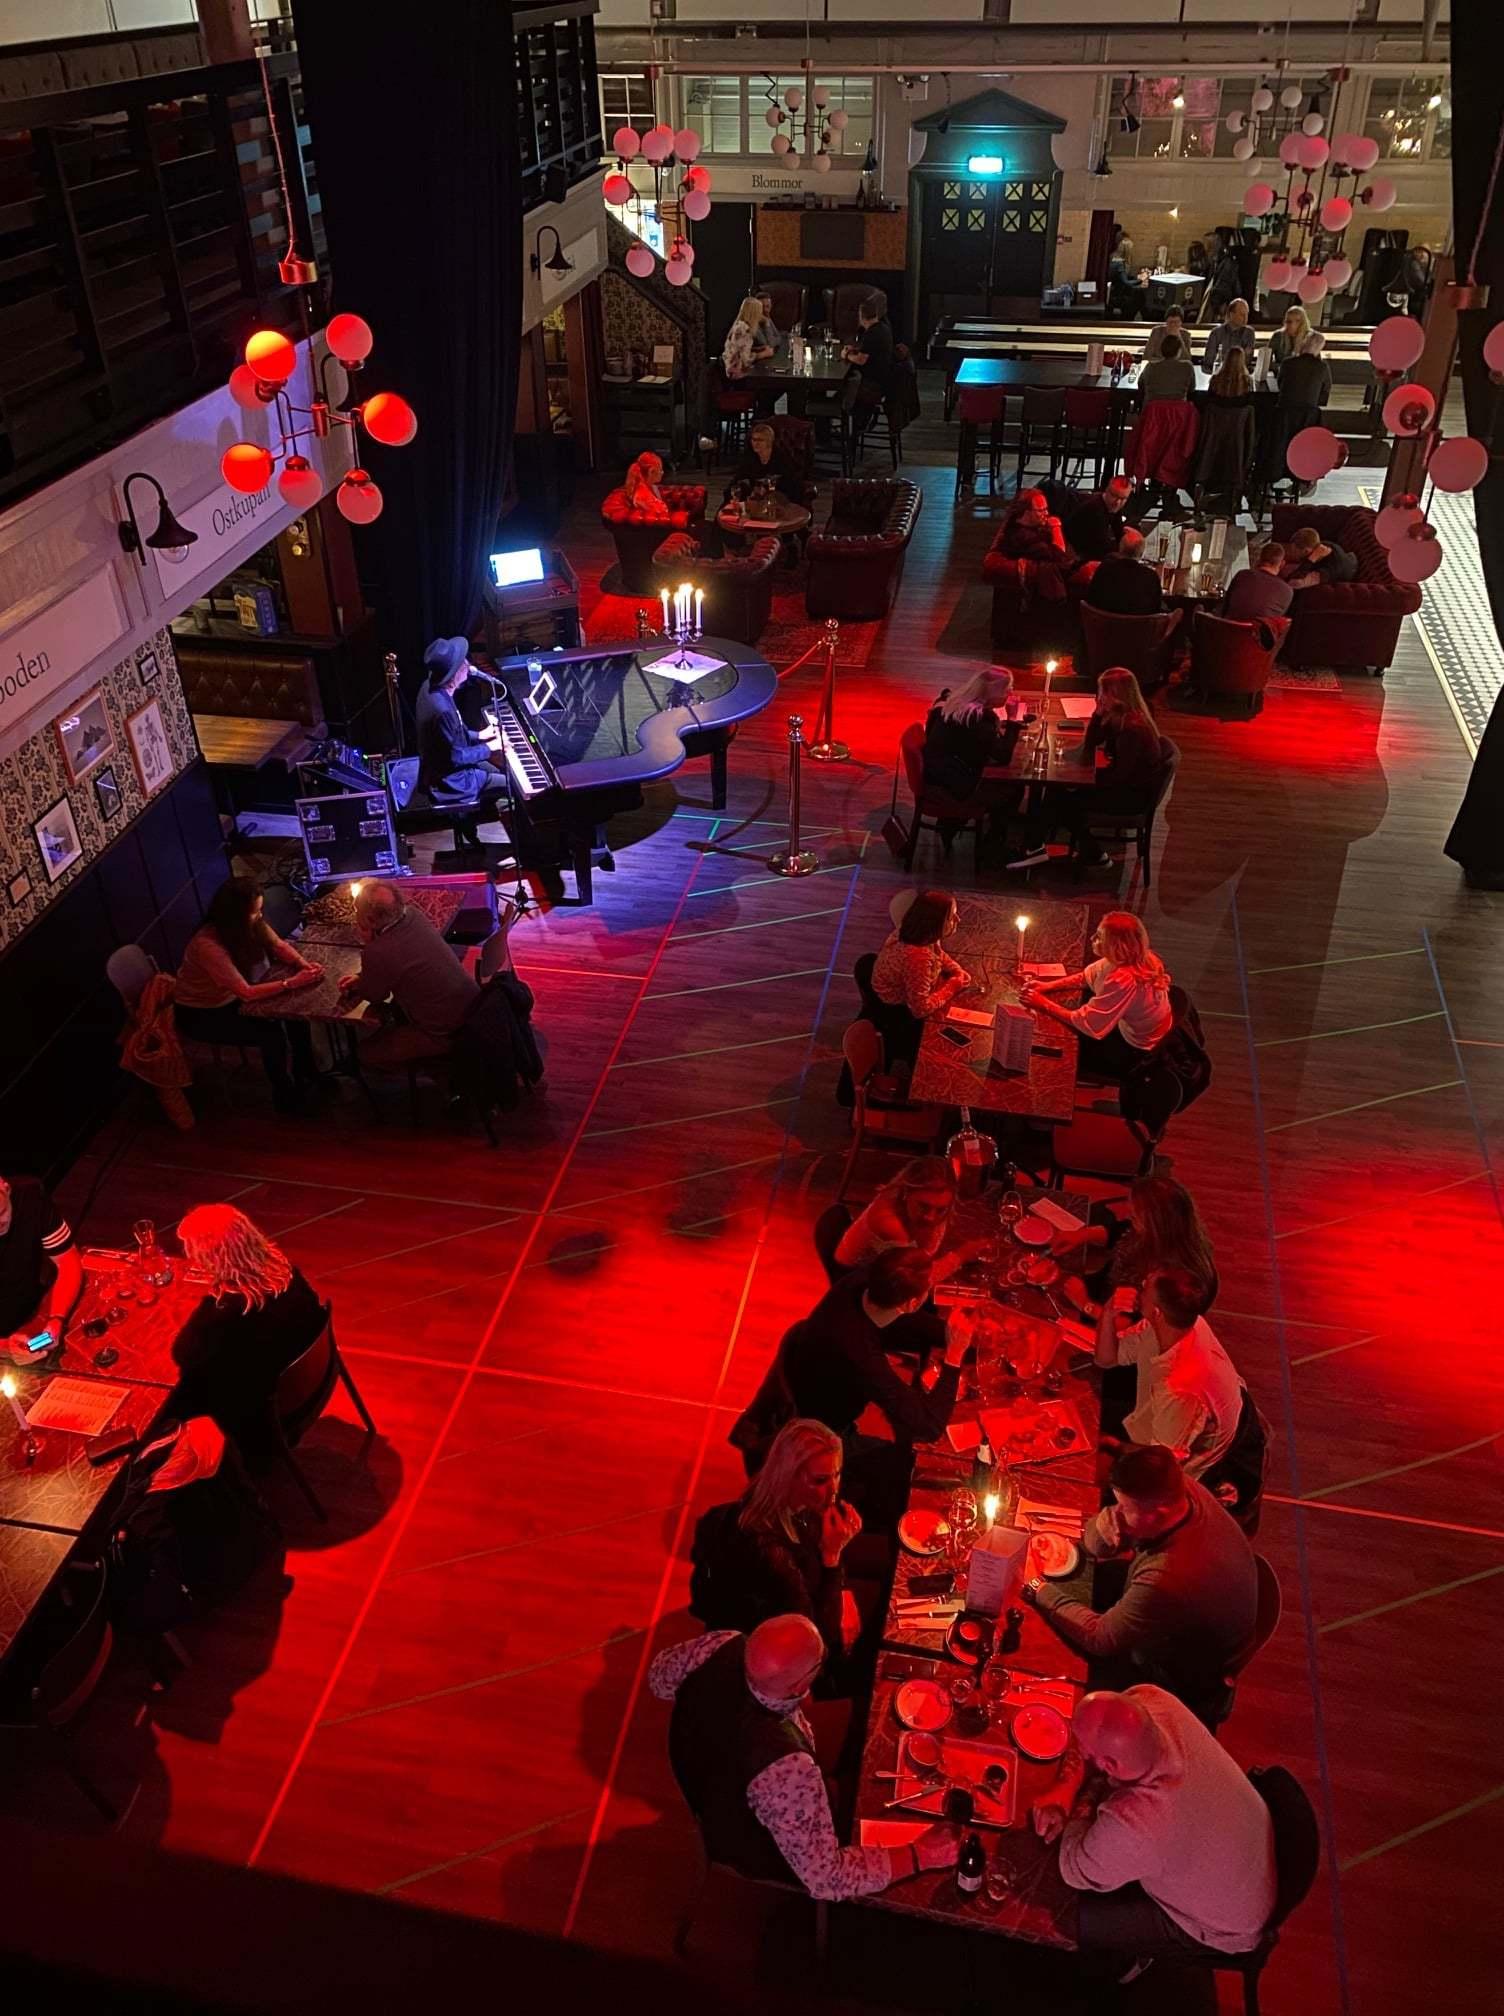 Stor lokal sedd uppifrån. Lokalen är upplyst i ett rött sken och människor sitter runt bord.